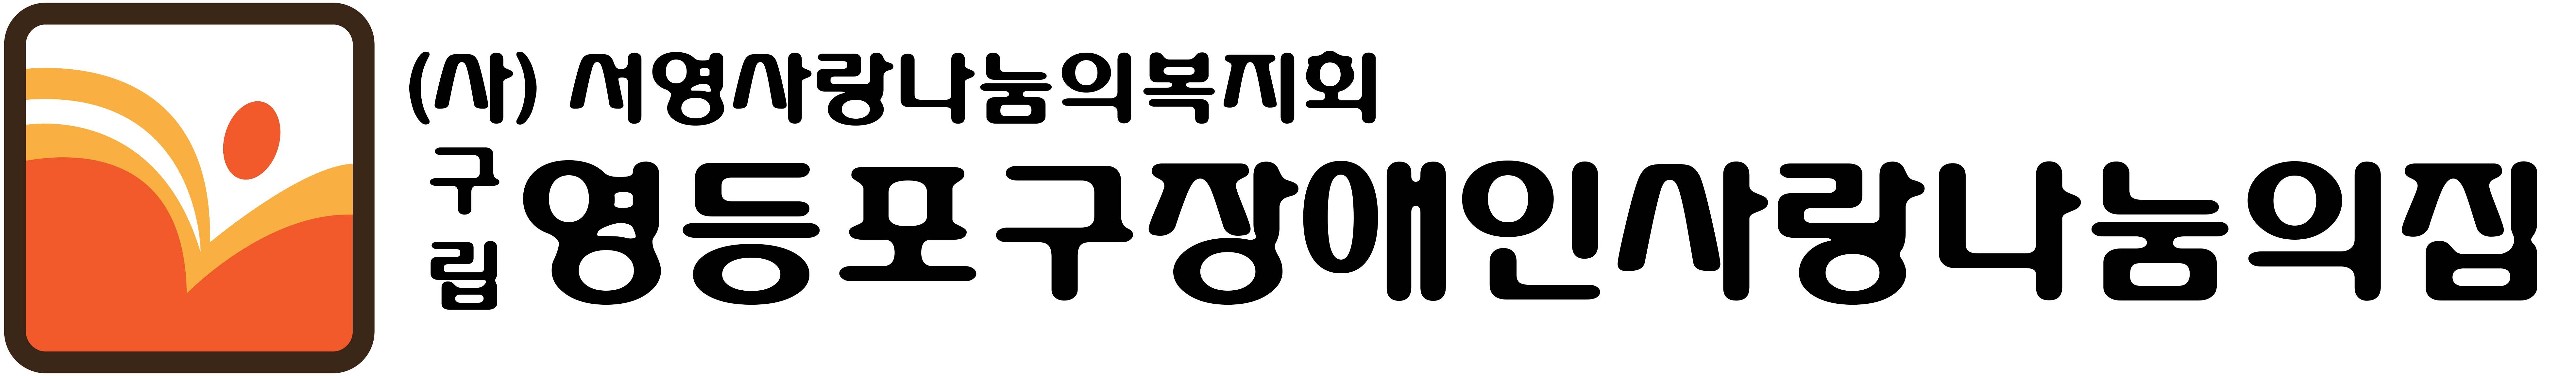 구립 영등포구장애인사랑나눔의집_logo